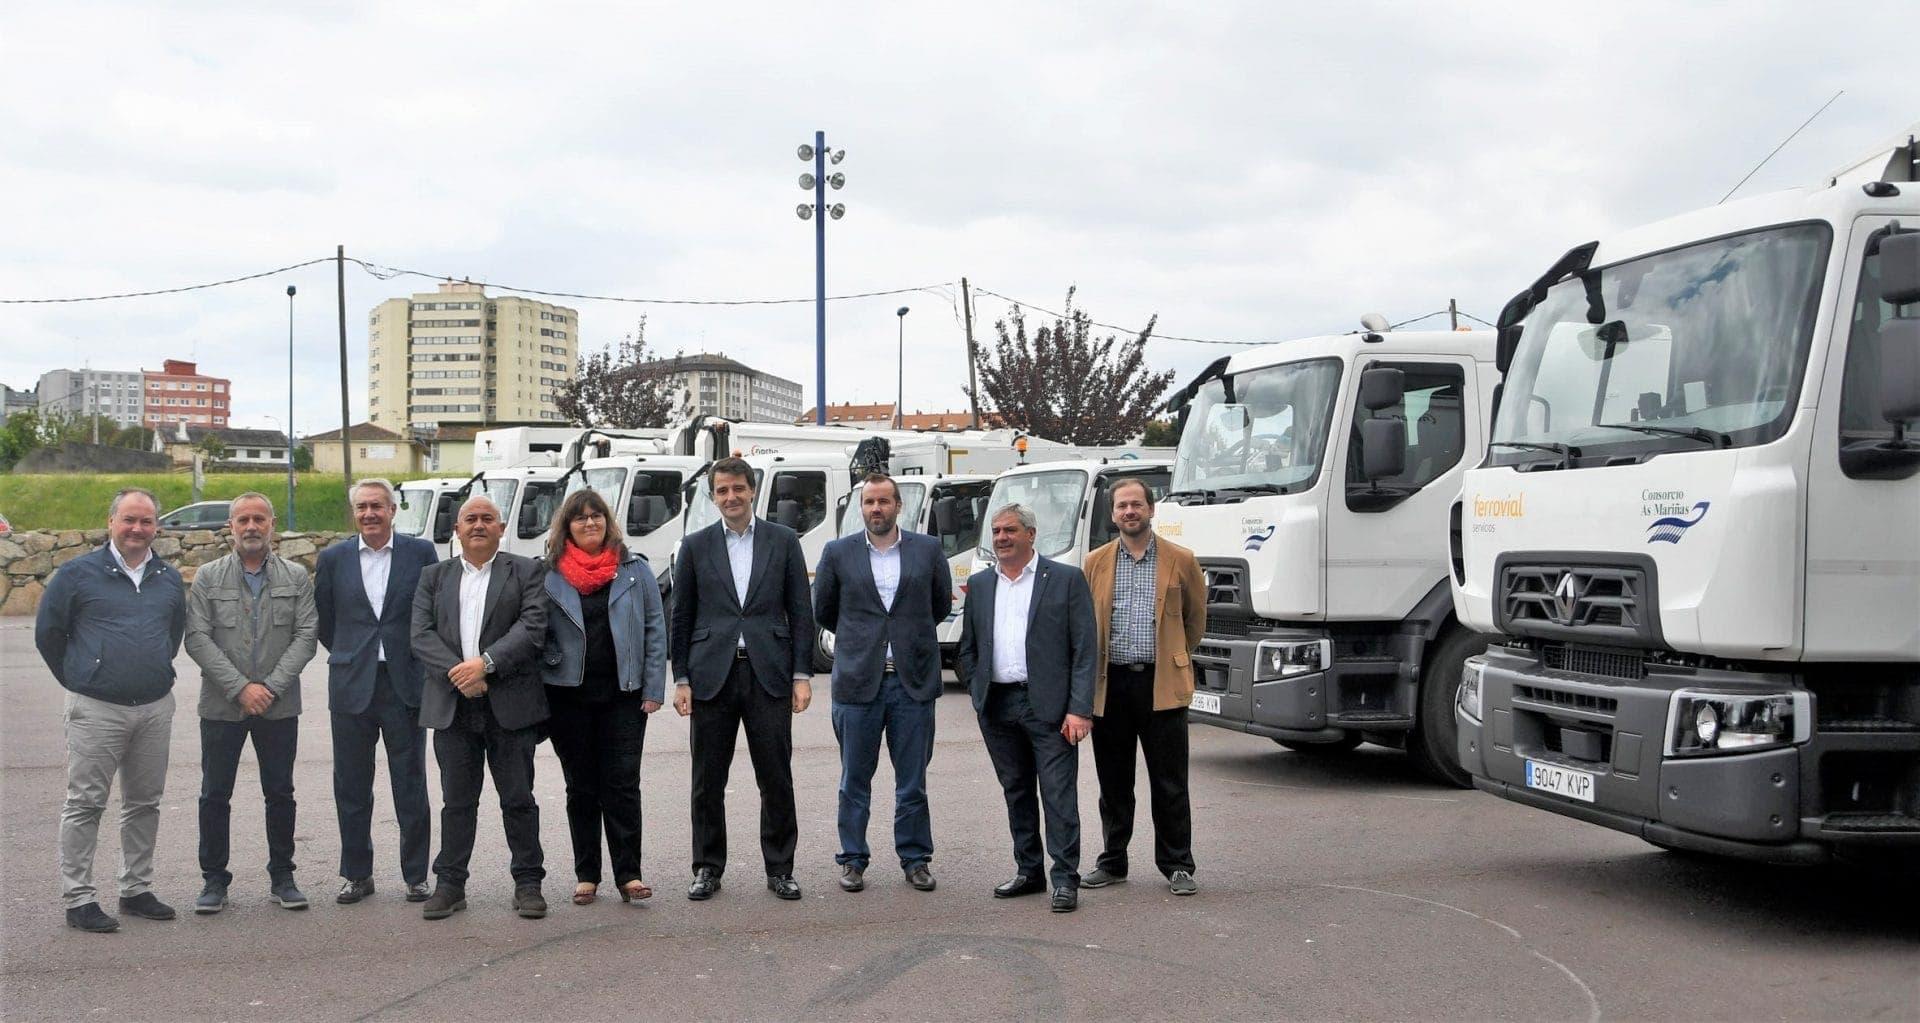 Representatives of Ferrovial Services and As Mariñas Consortium